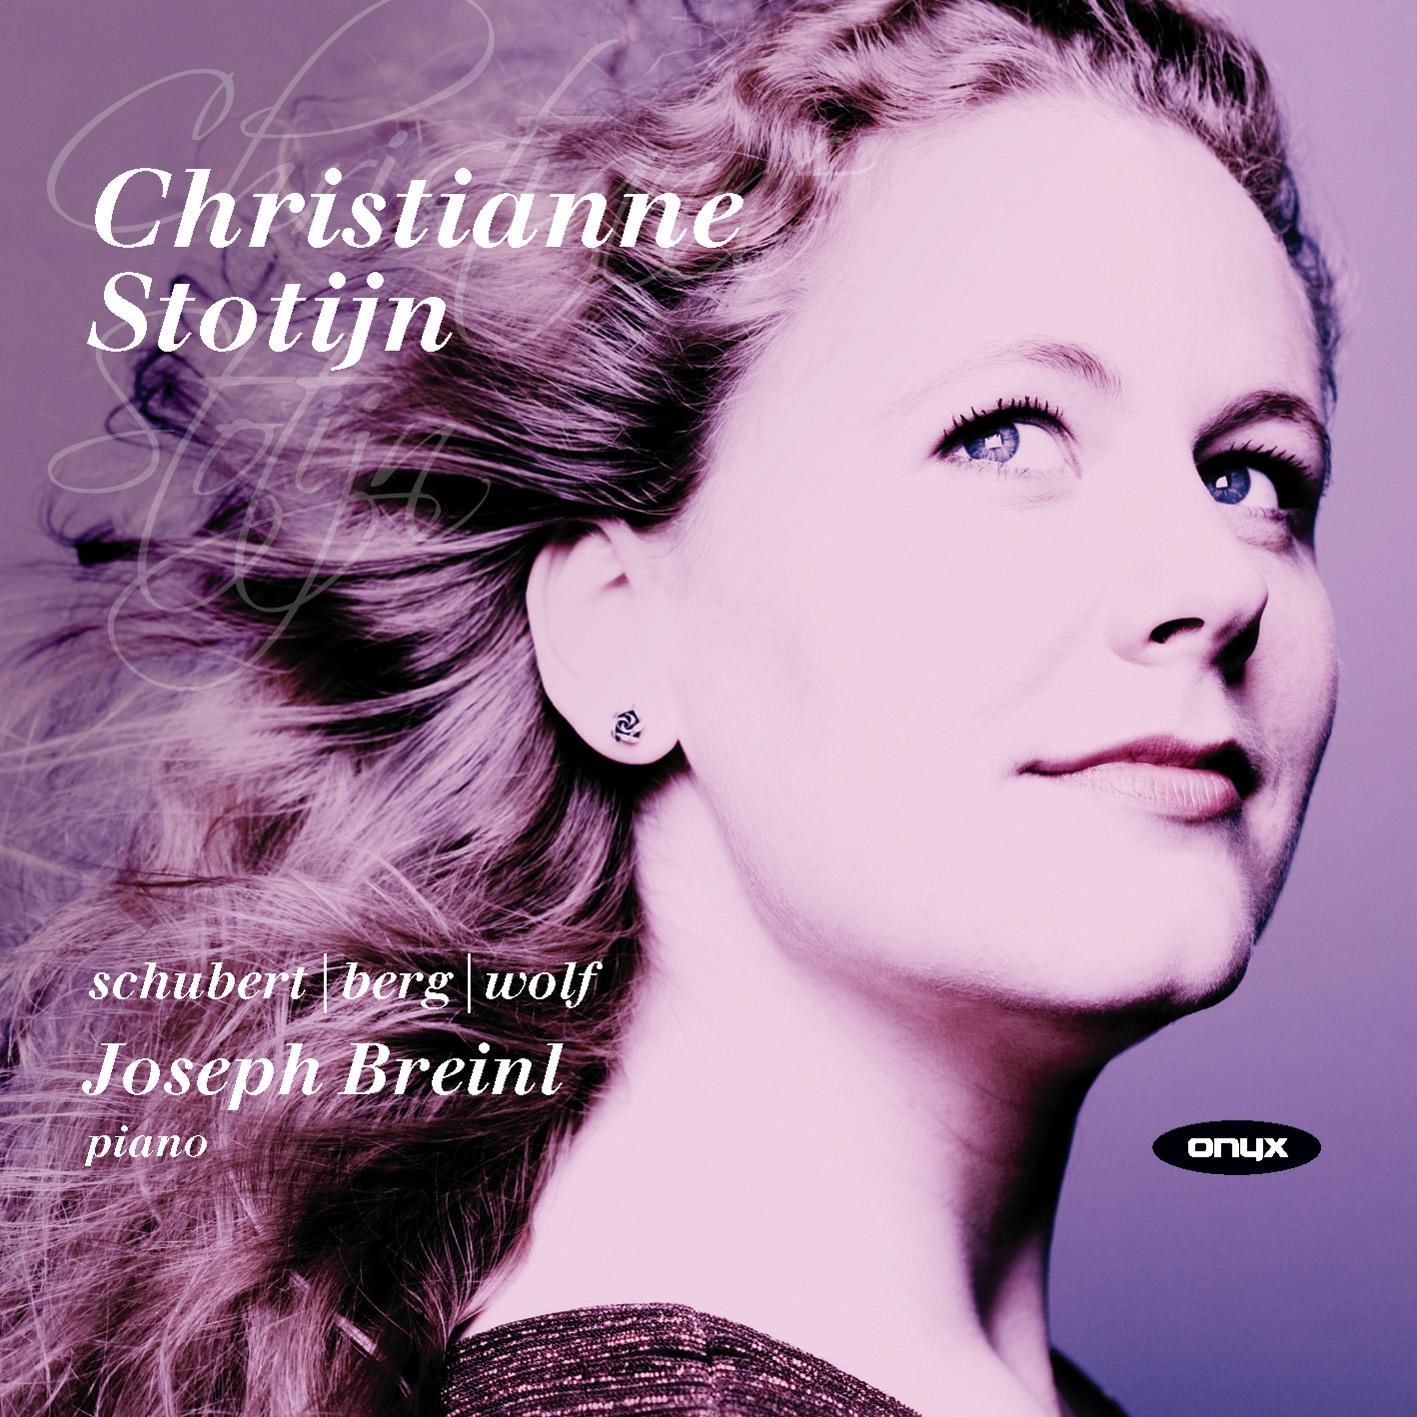 466Christianne Stotijn